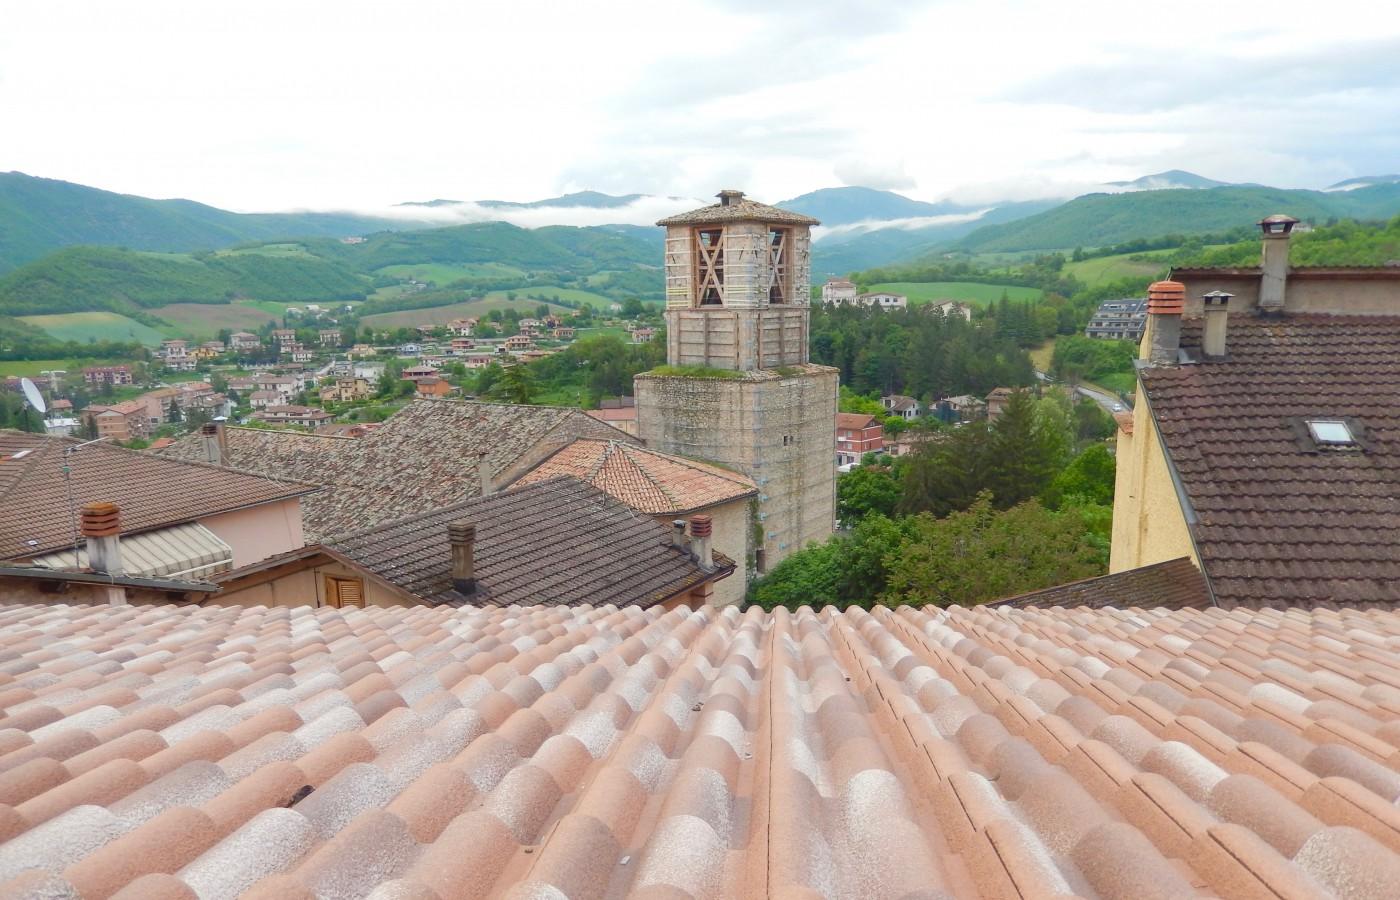 Umbria – Italy's Secret Regions